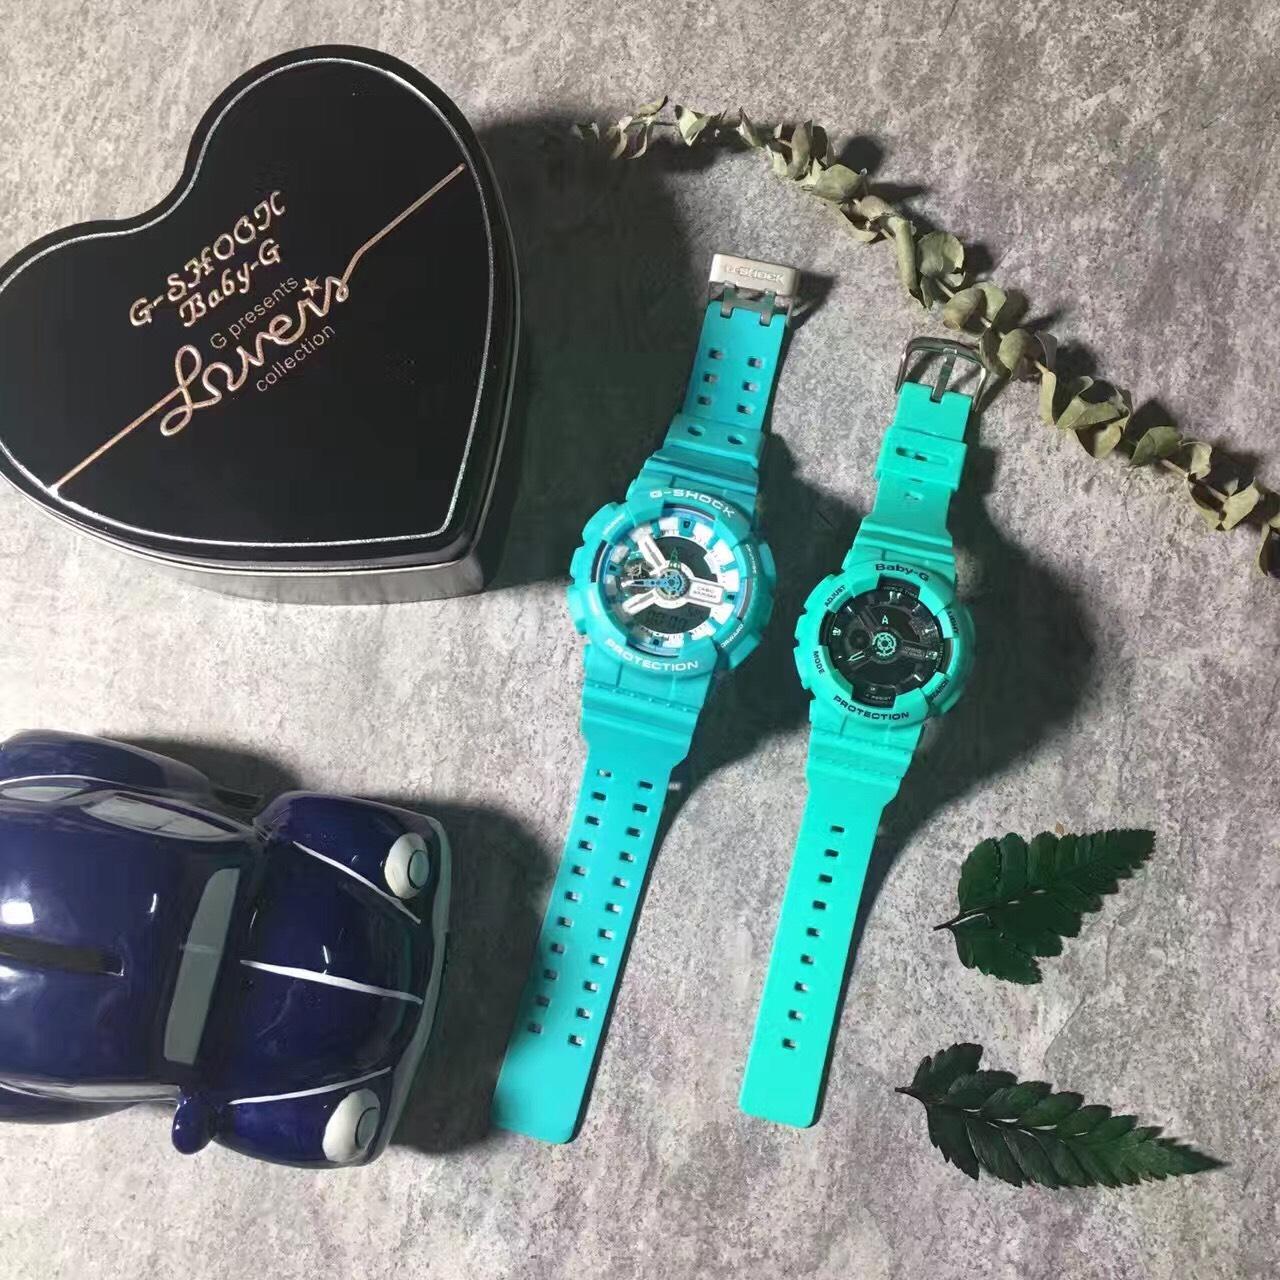 國外代購CASIO G-SHOCK GA-110SN3A & BABY-G BA-111 情侶對錶 雙顯 防水手錶